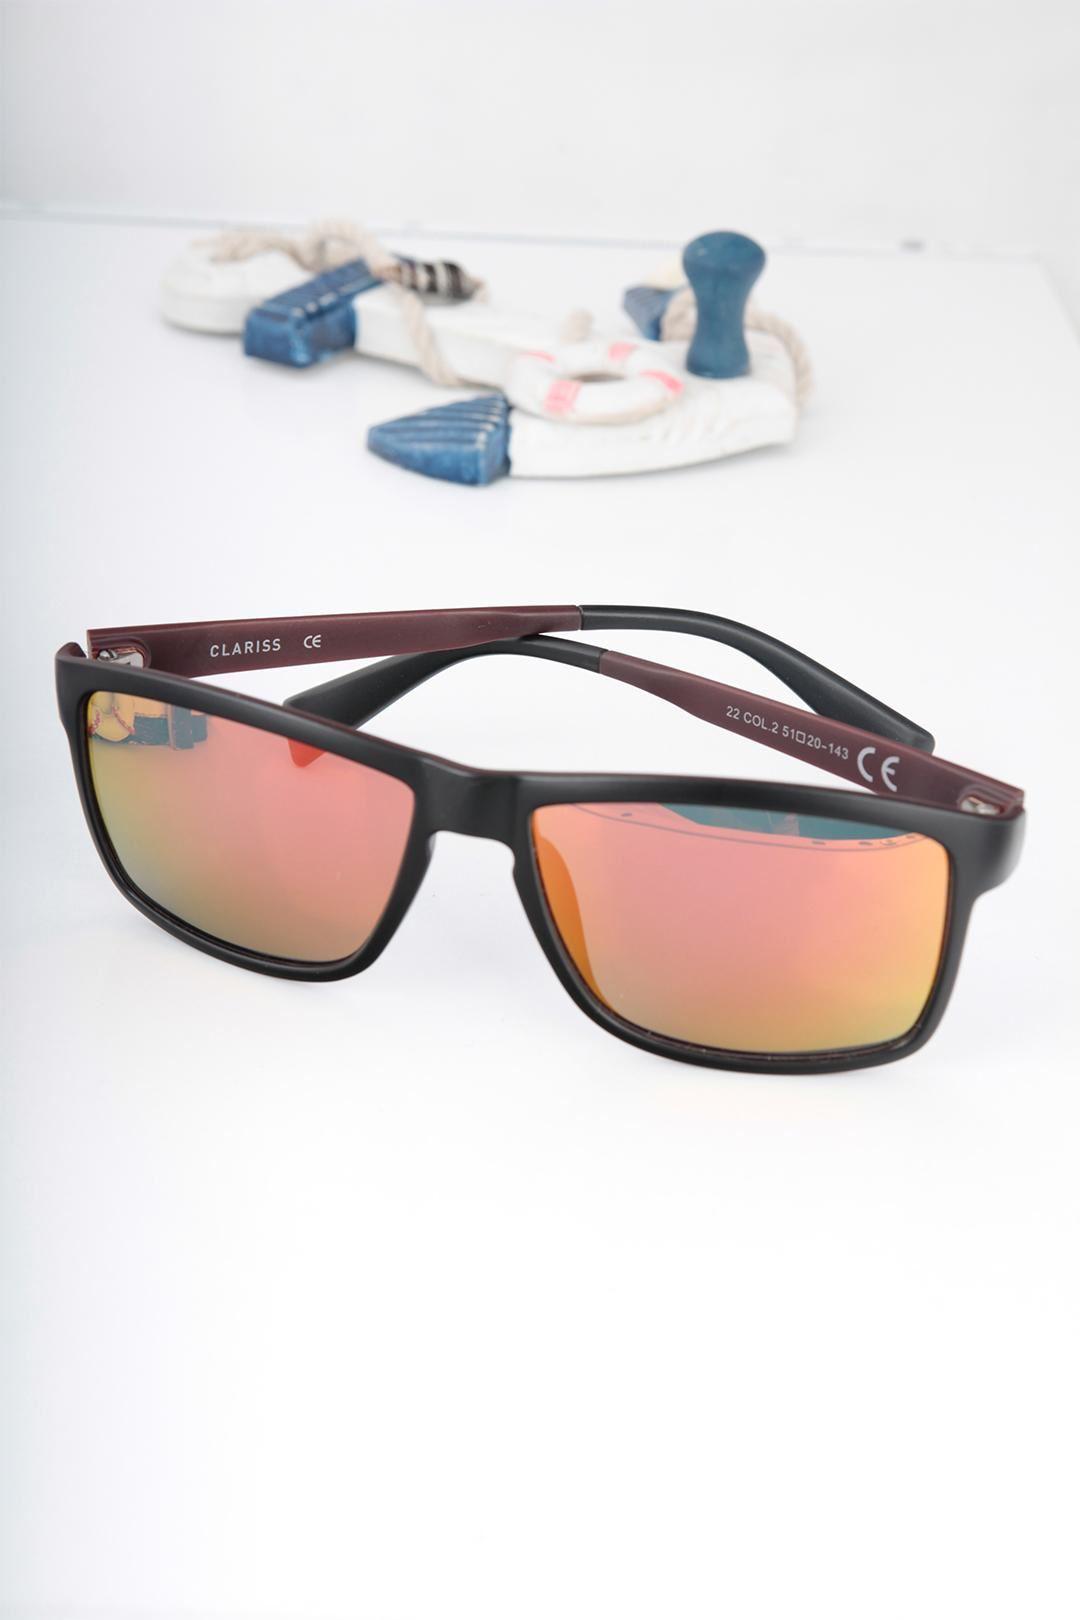 Clariss Marka Siyah Renk Çerçeveli Güneş Gözlüğü